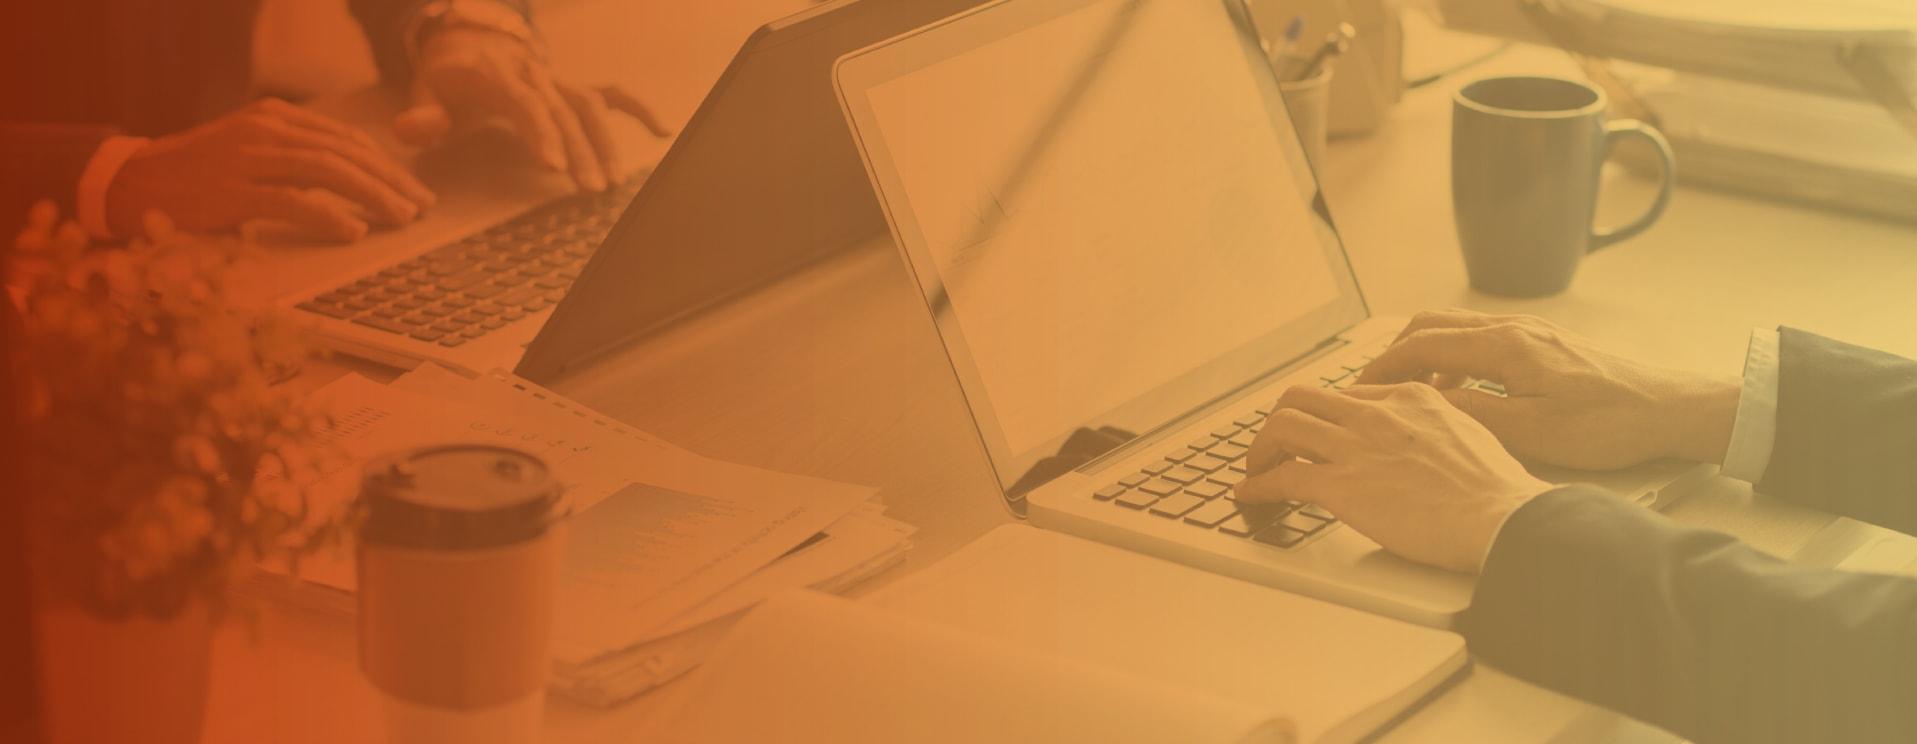 Imagem de fundo sobre Certificados A1 e Certificados A3 para e-CPF e e-CNPJ